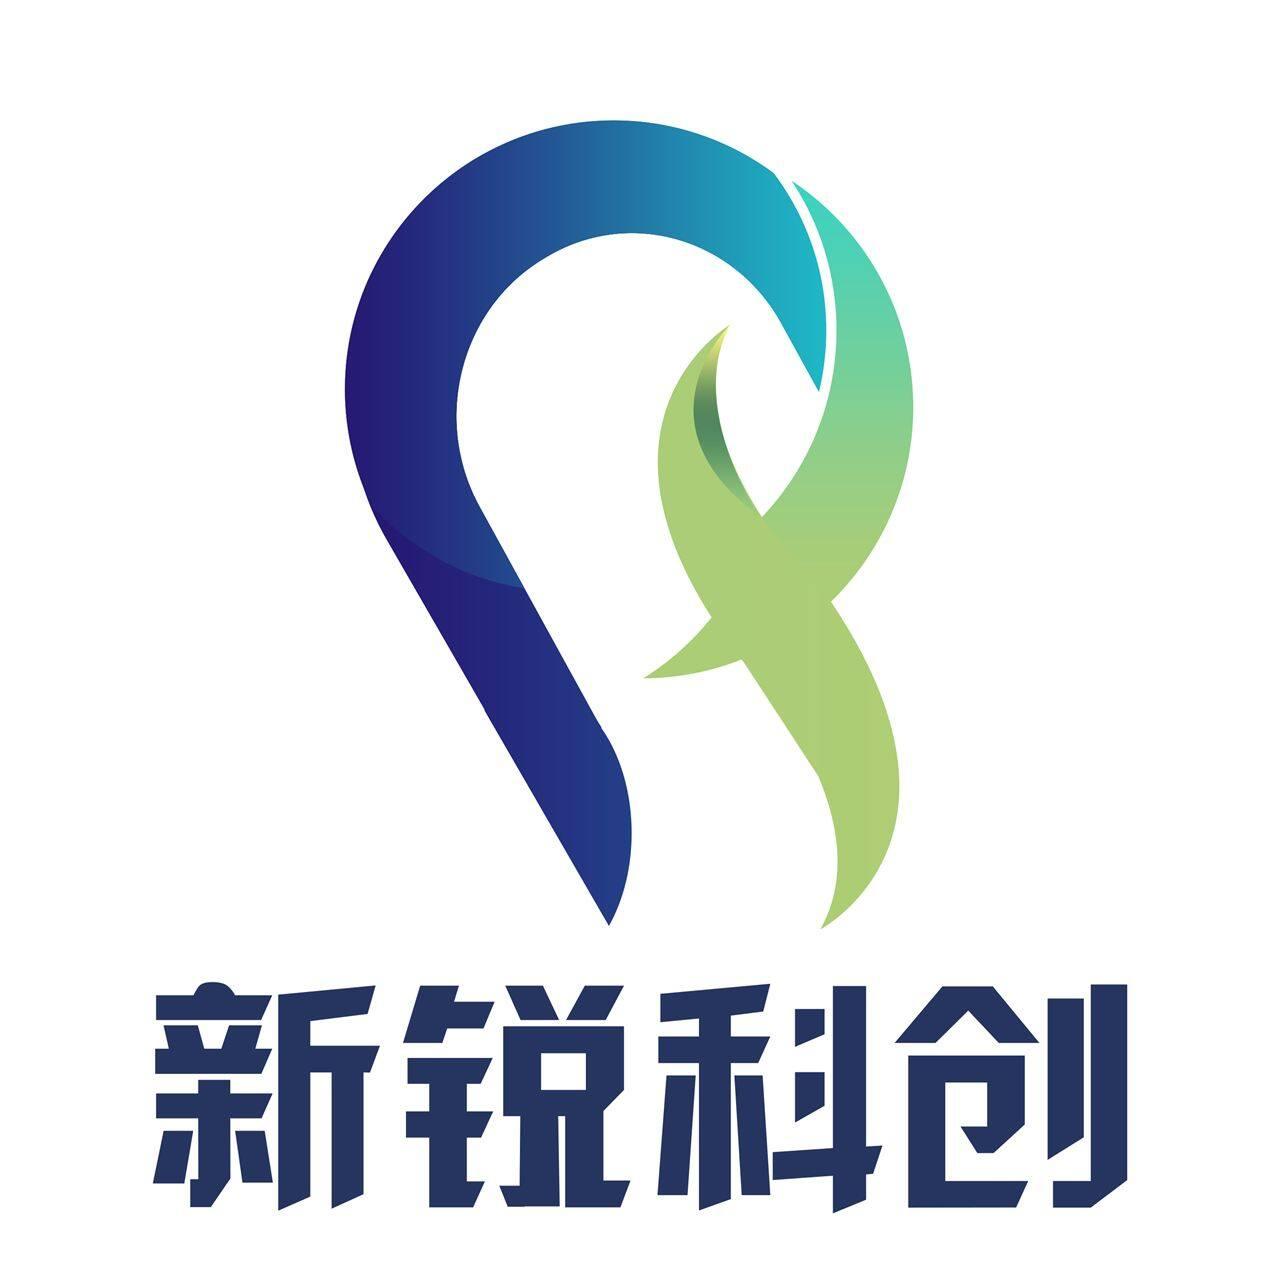 北京新太难太难锐科创科技有限公司